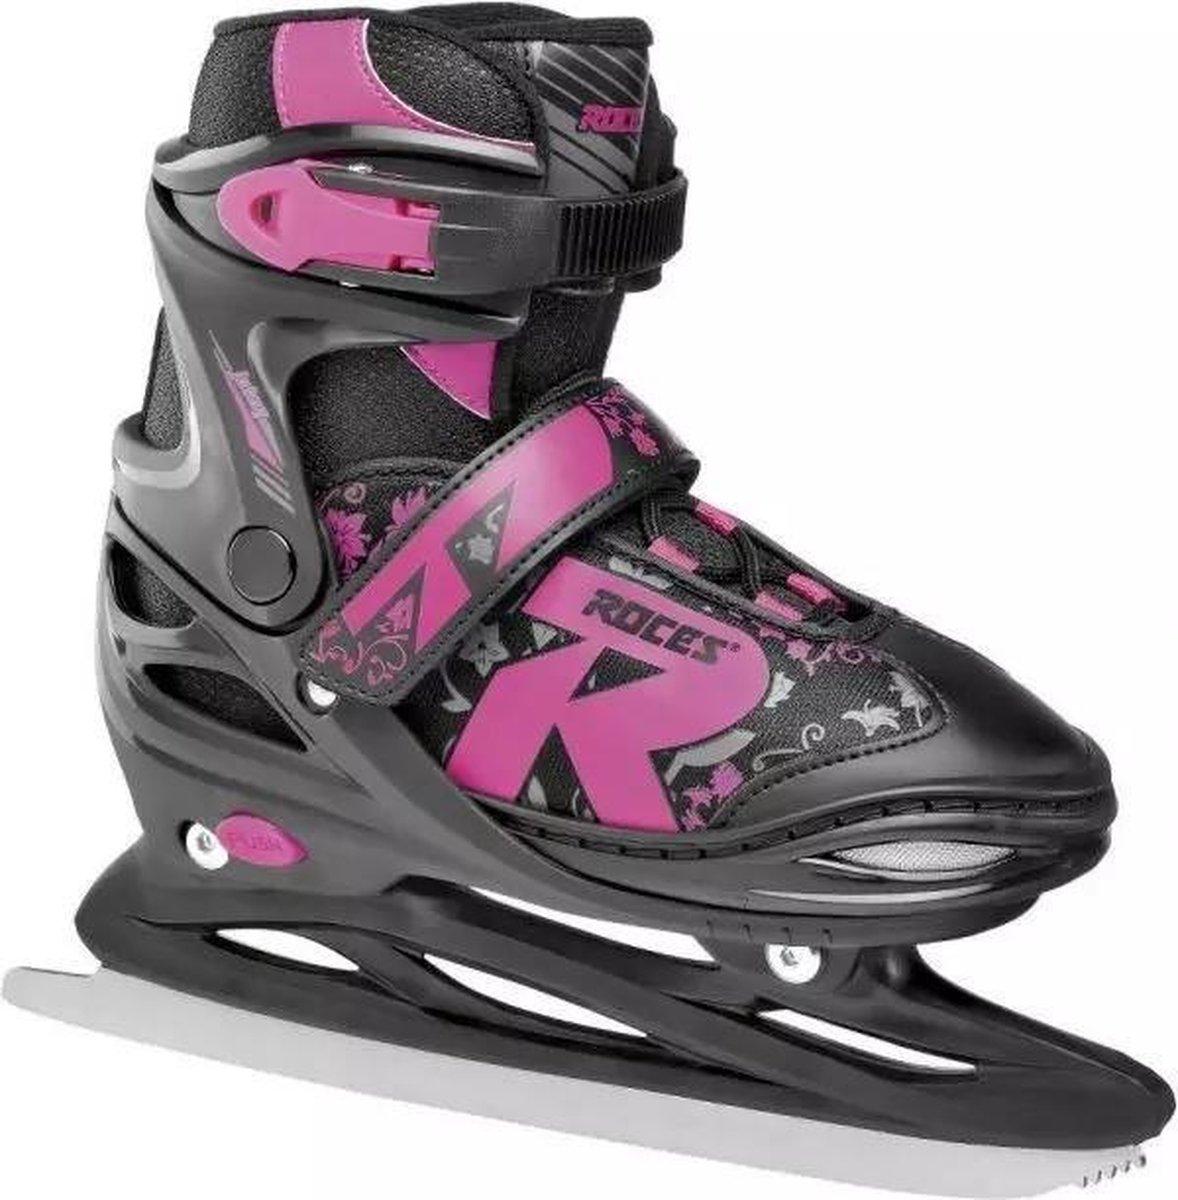 Roces Verstelbare schaatsen maat 30/33 34/37 38/41 schaatsen zwart